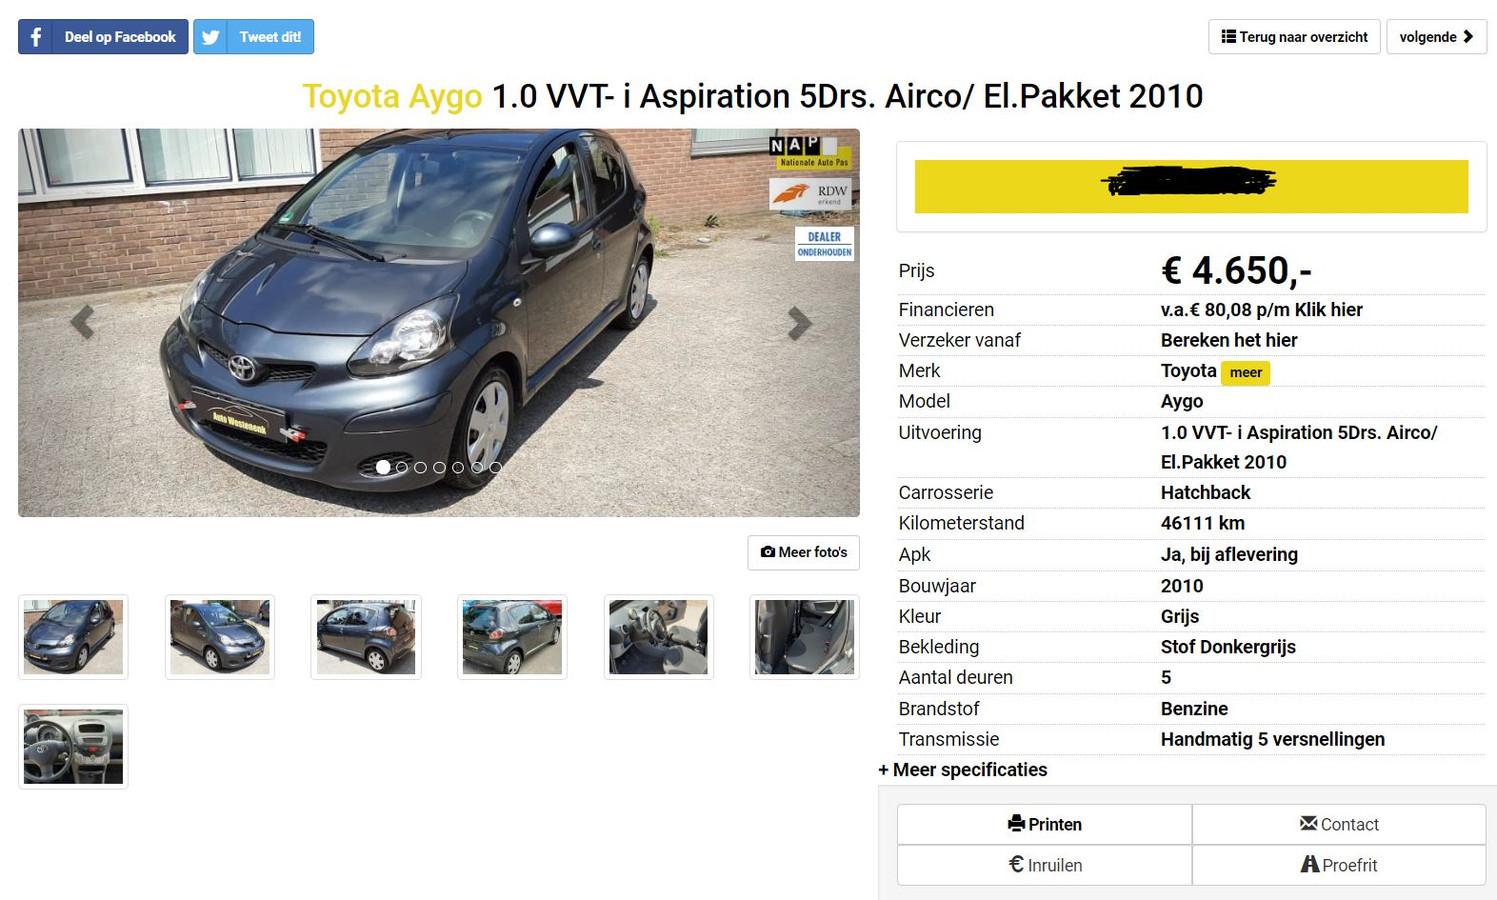 Advertentie voor een Toyota Aygo, zoals die gisteren op de website van Auto Westenenk stond. Een andere auto dan waarvan John Joosten de koop ontbond, zegt het bedrijf.